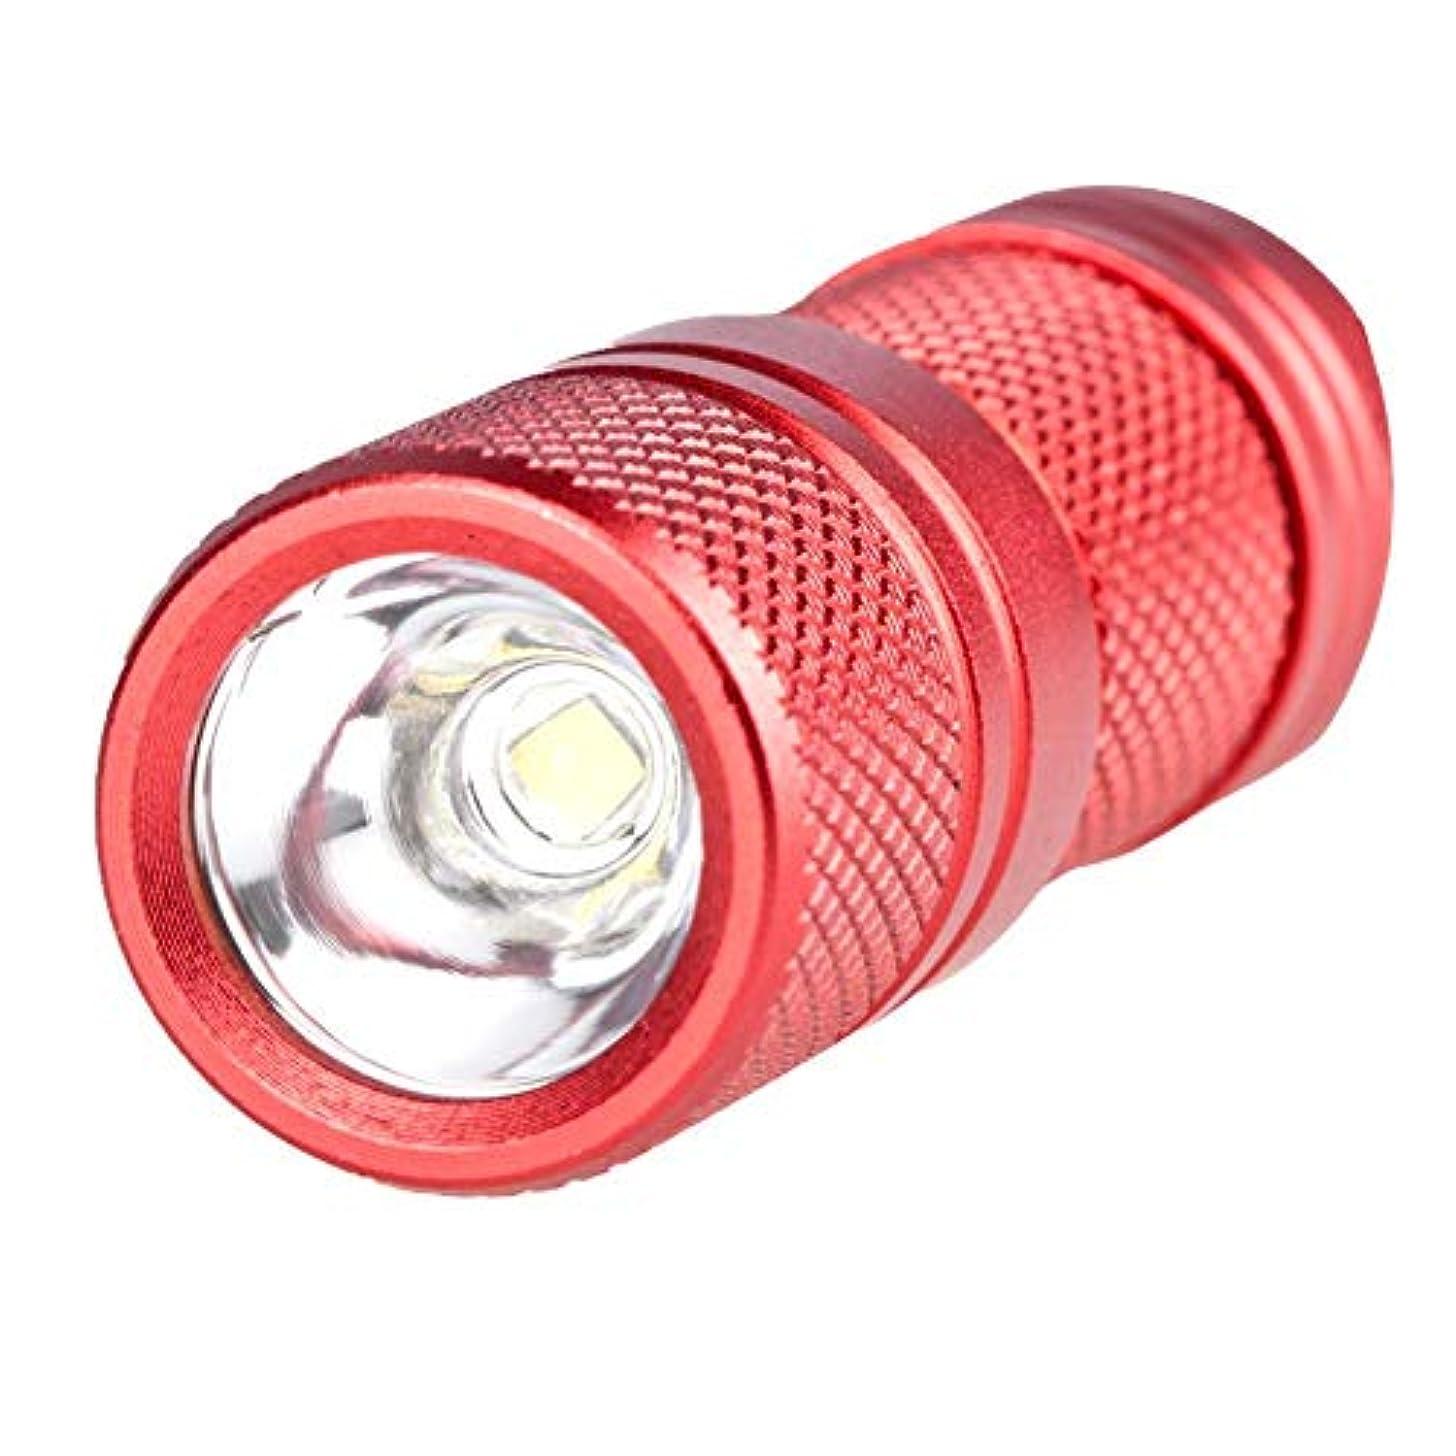 体系的にスカリーレインコートハンディライト 小型軽量ミニ LED懐中電灯 フラッシュライト キーライト キャップランプ テーブルランプ